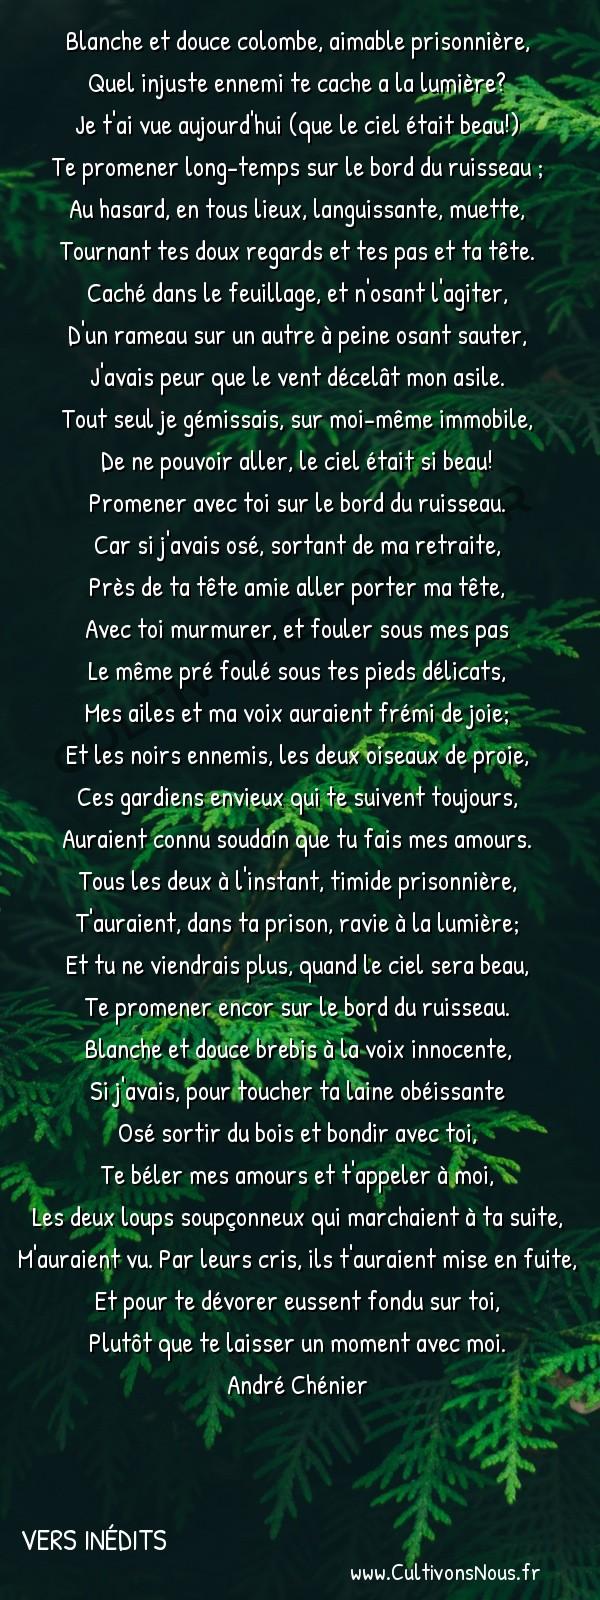 Poésies André Chénier - Vers inédits - A mademoiselle de Coigny -  Blanche et douce colombe, aimable prisonnière, Quel injuste ennemi te cache a la lumière?